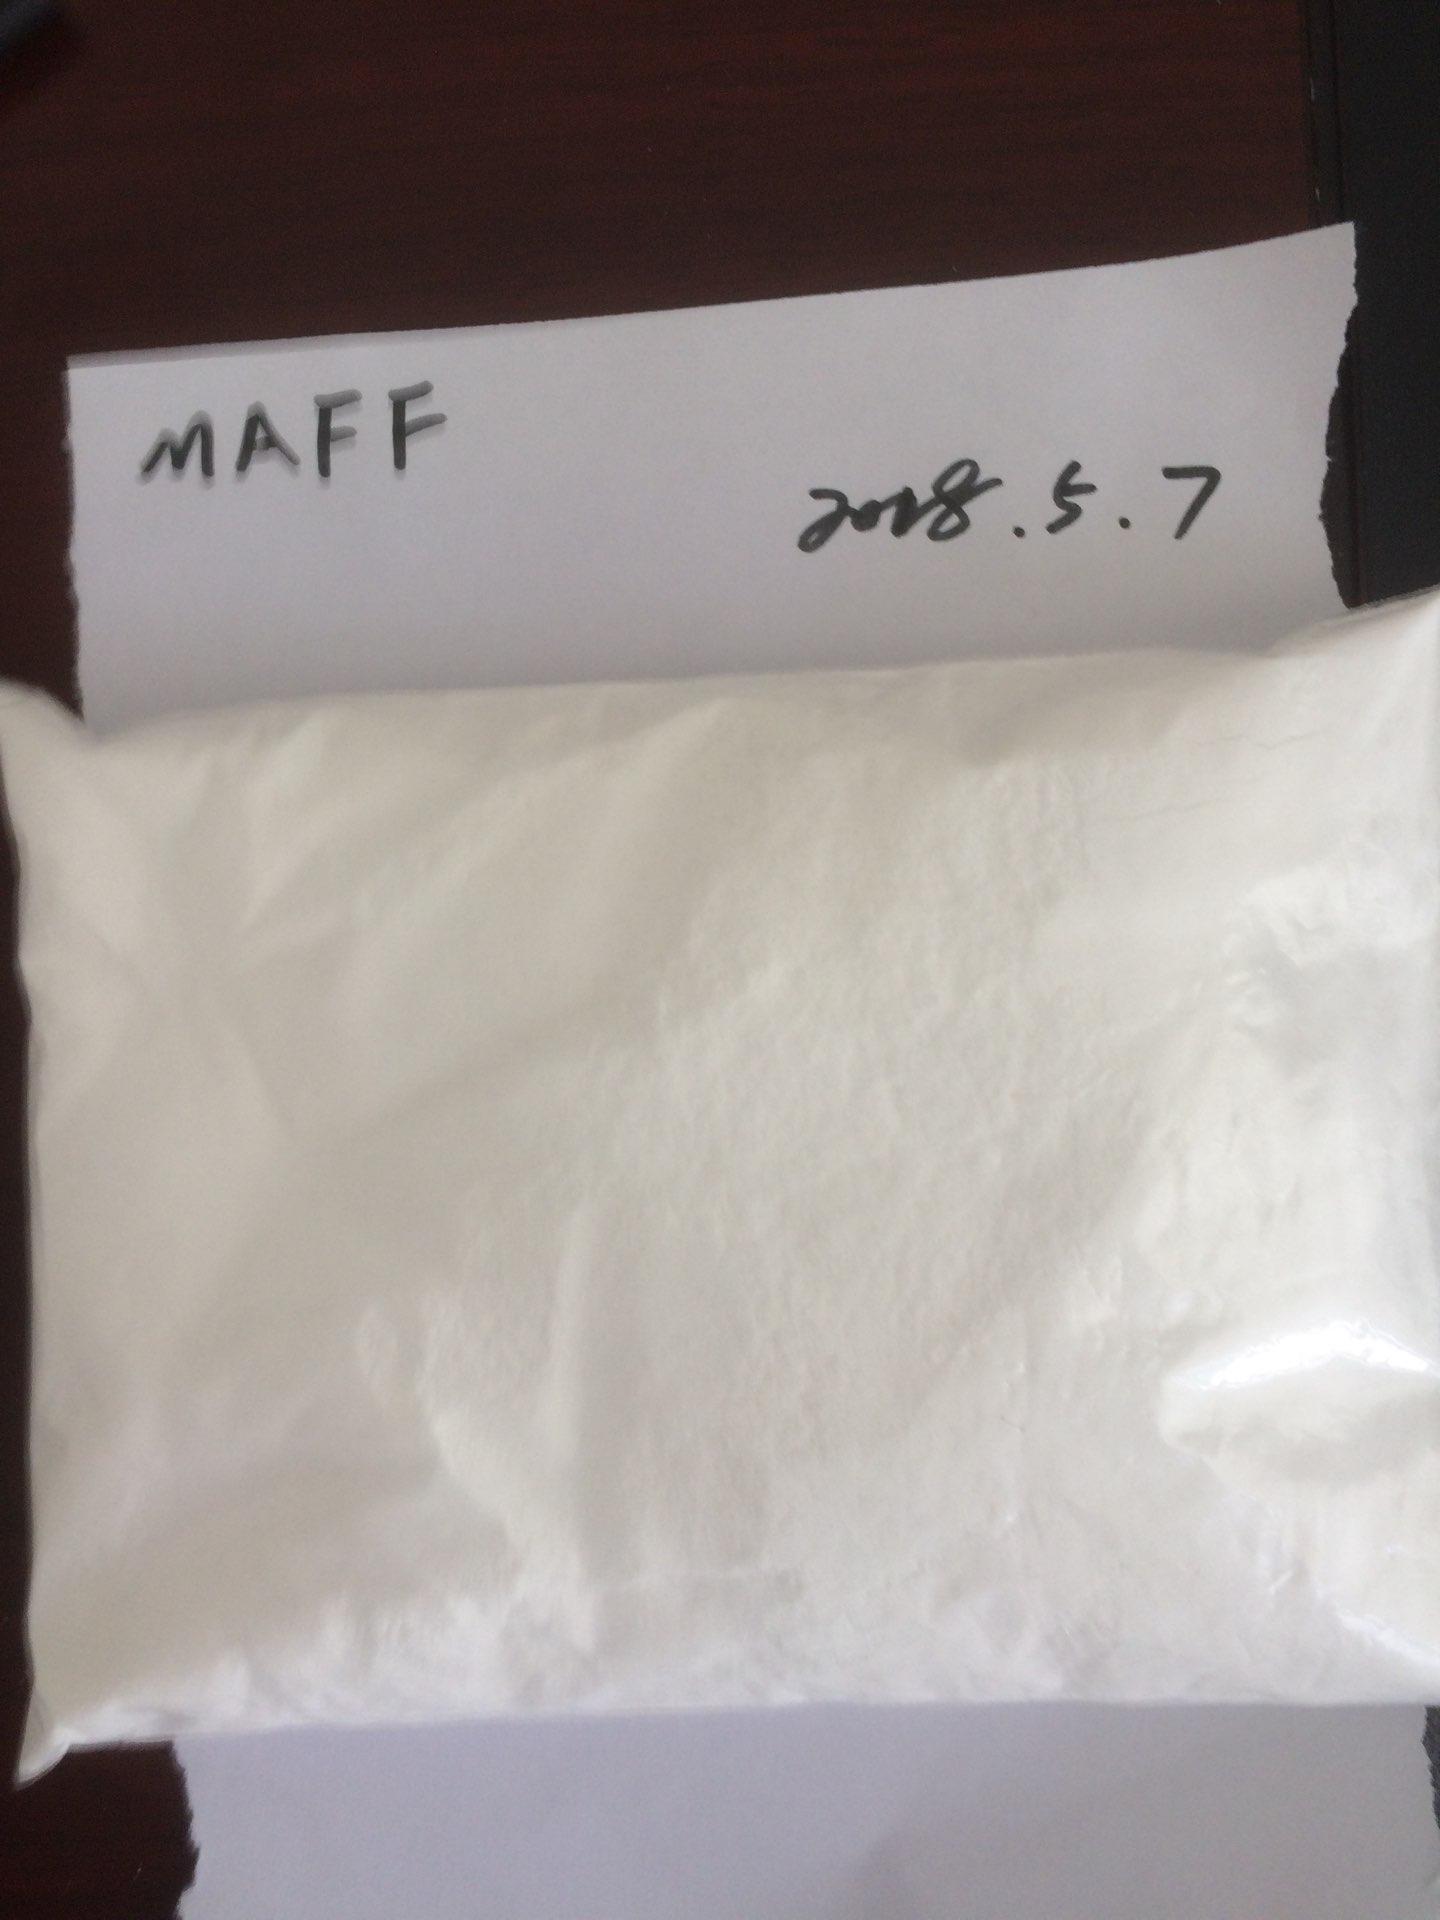 MAF BUFF FUEF 3-MAF Cas No.:1715016-76-3